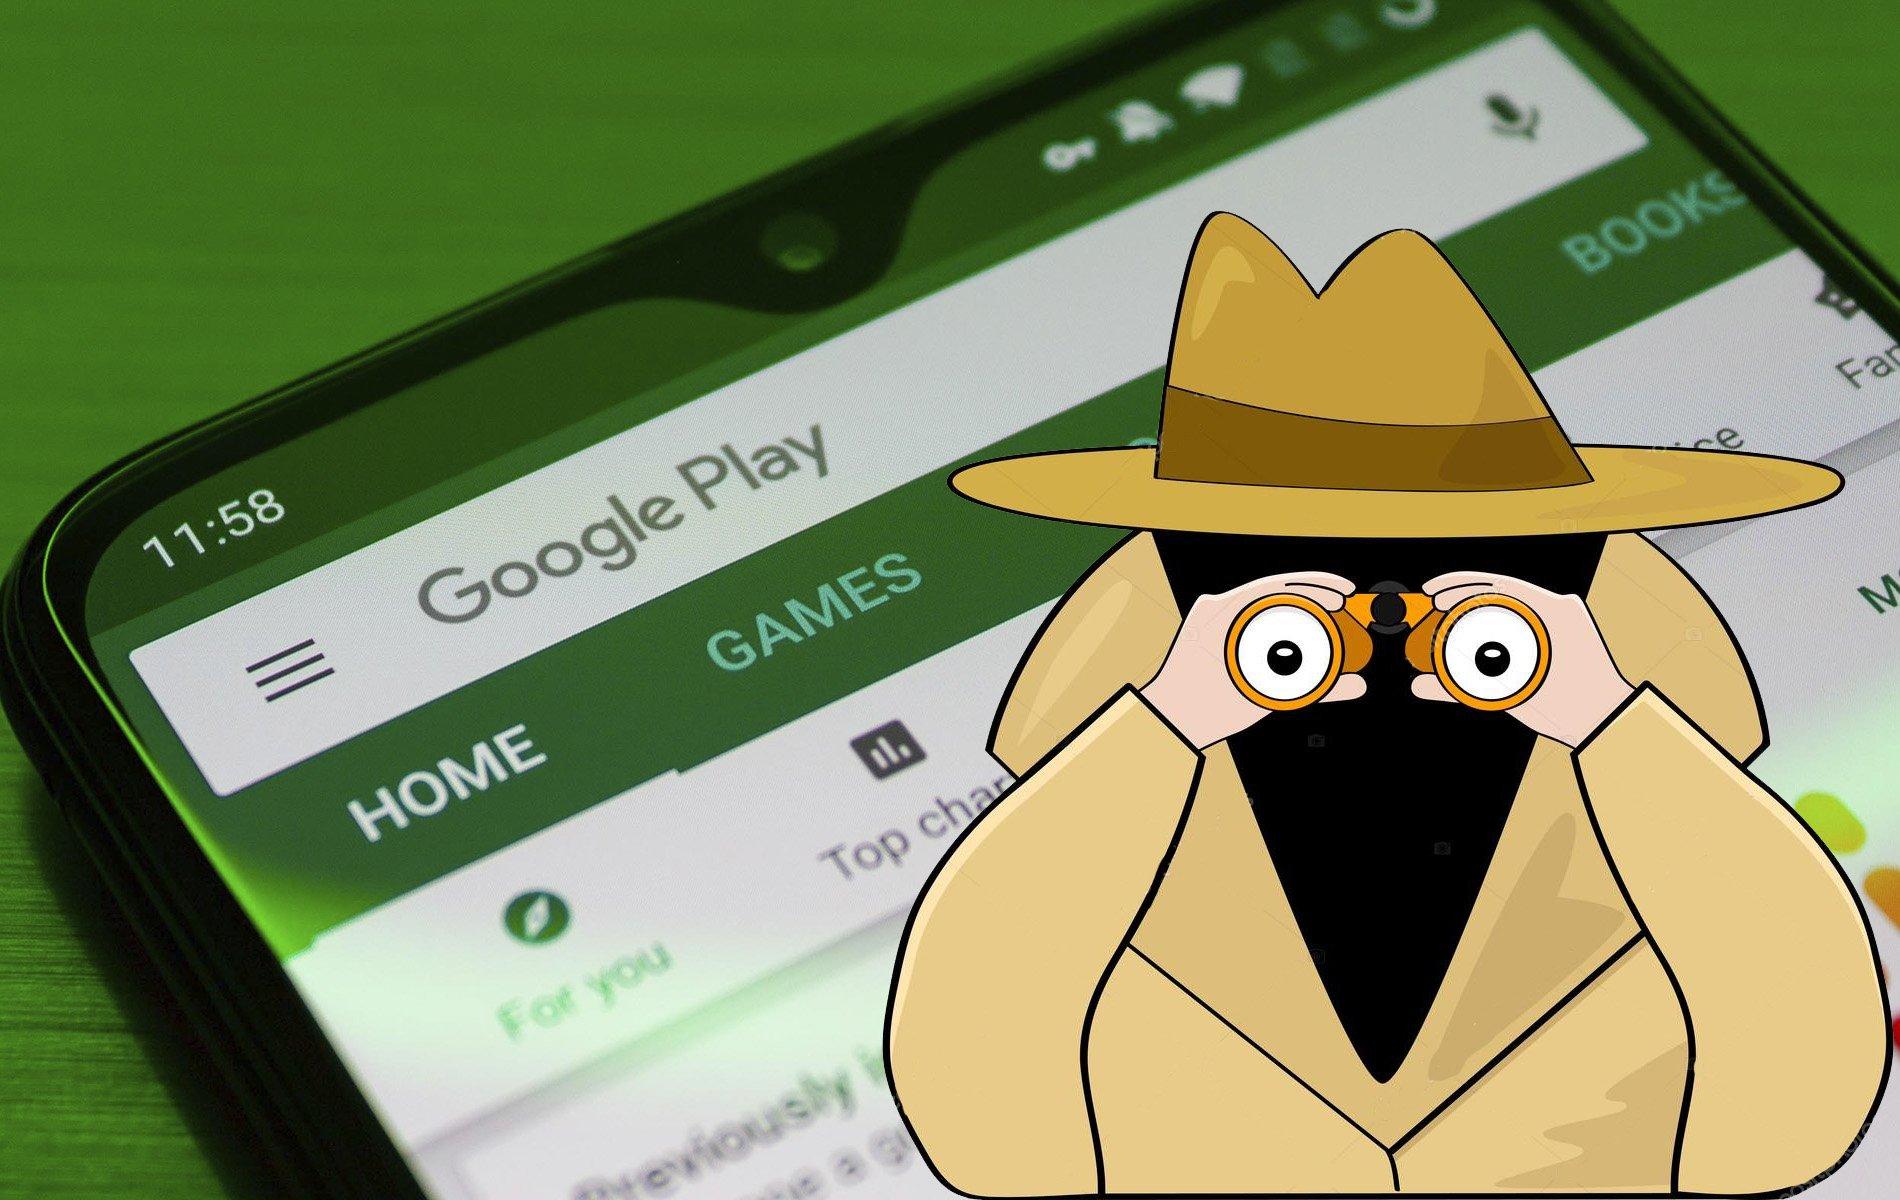 Неменее тысяча приложений для андроид собирают личные данные пользователей без ихсогласия